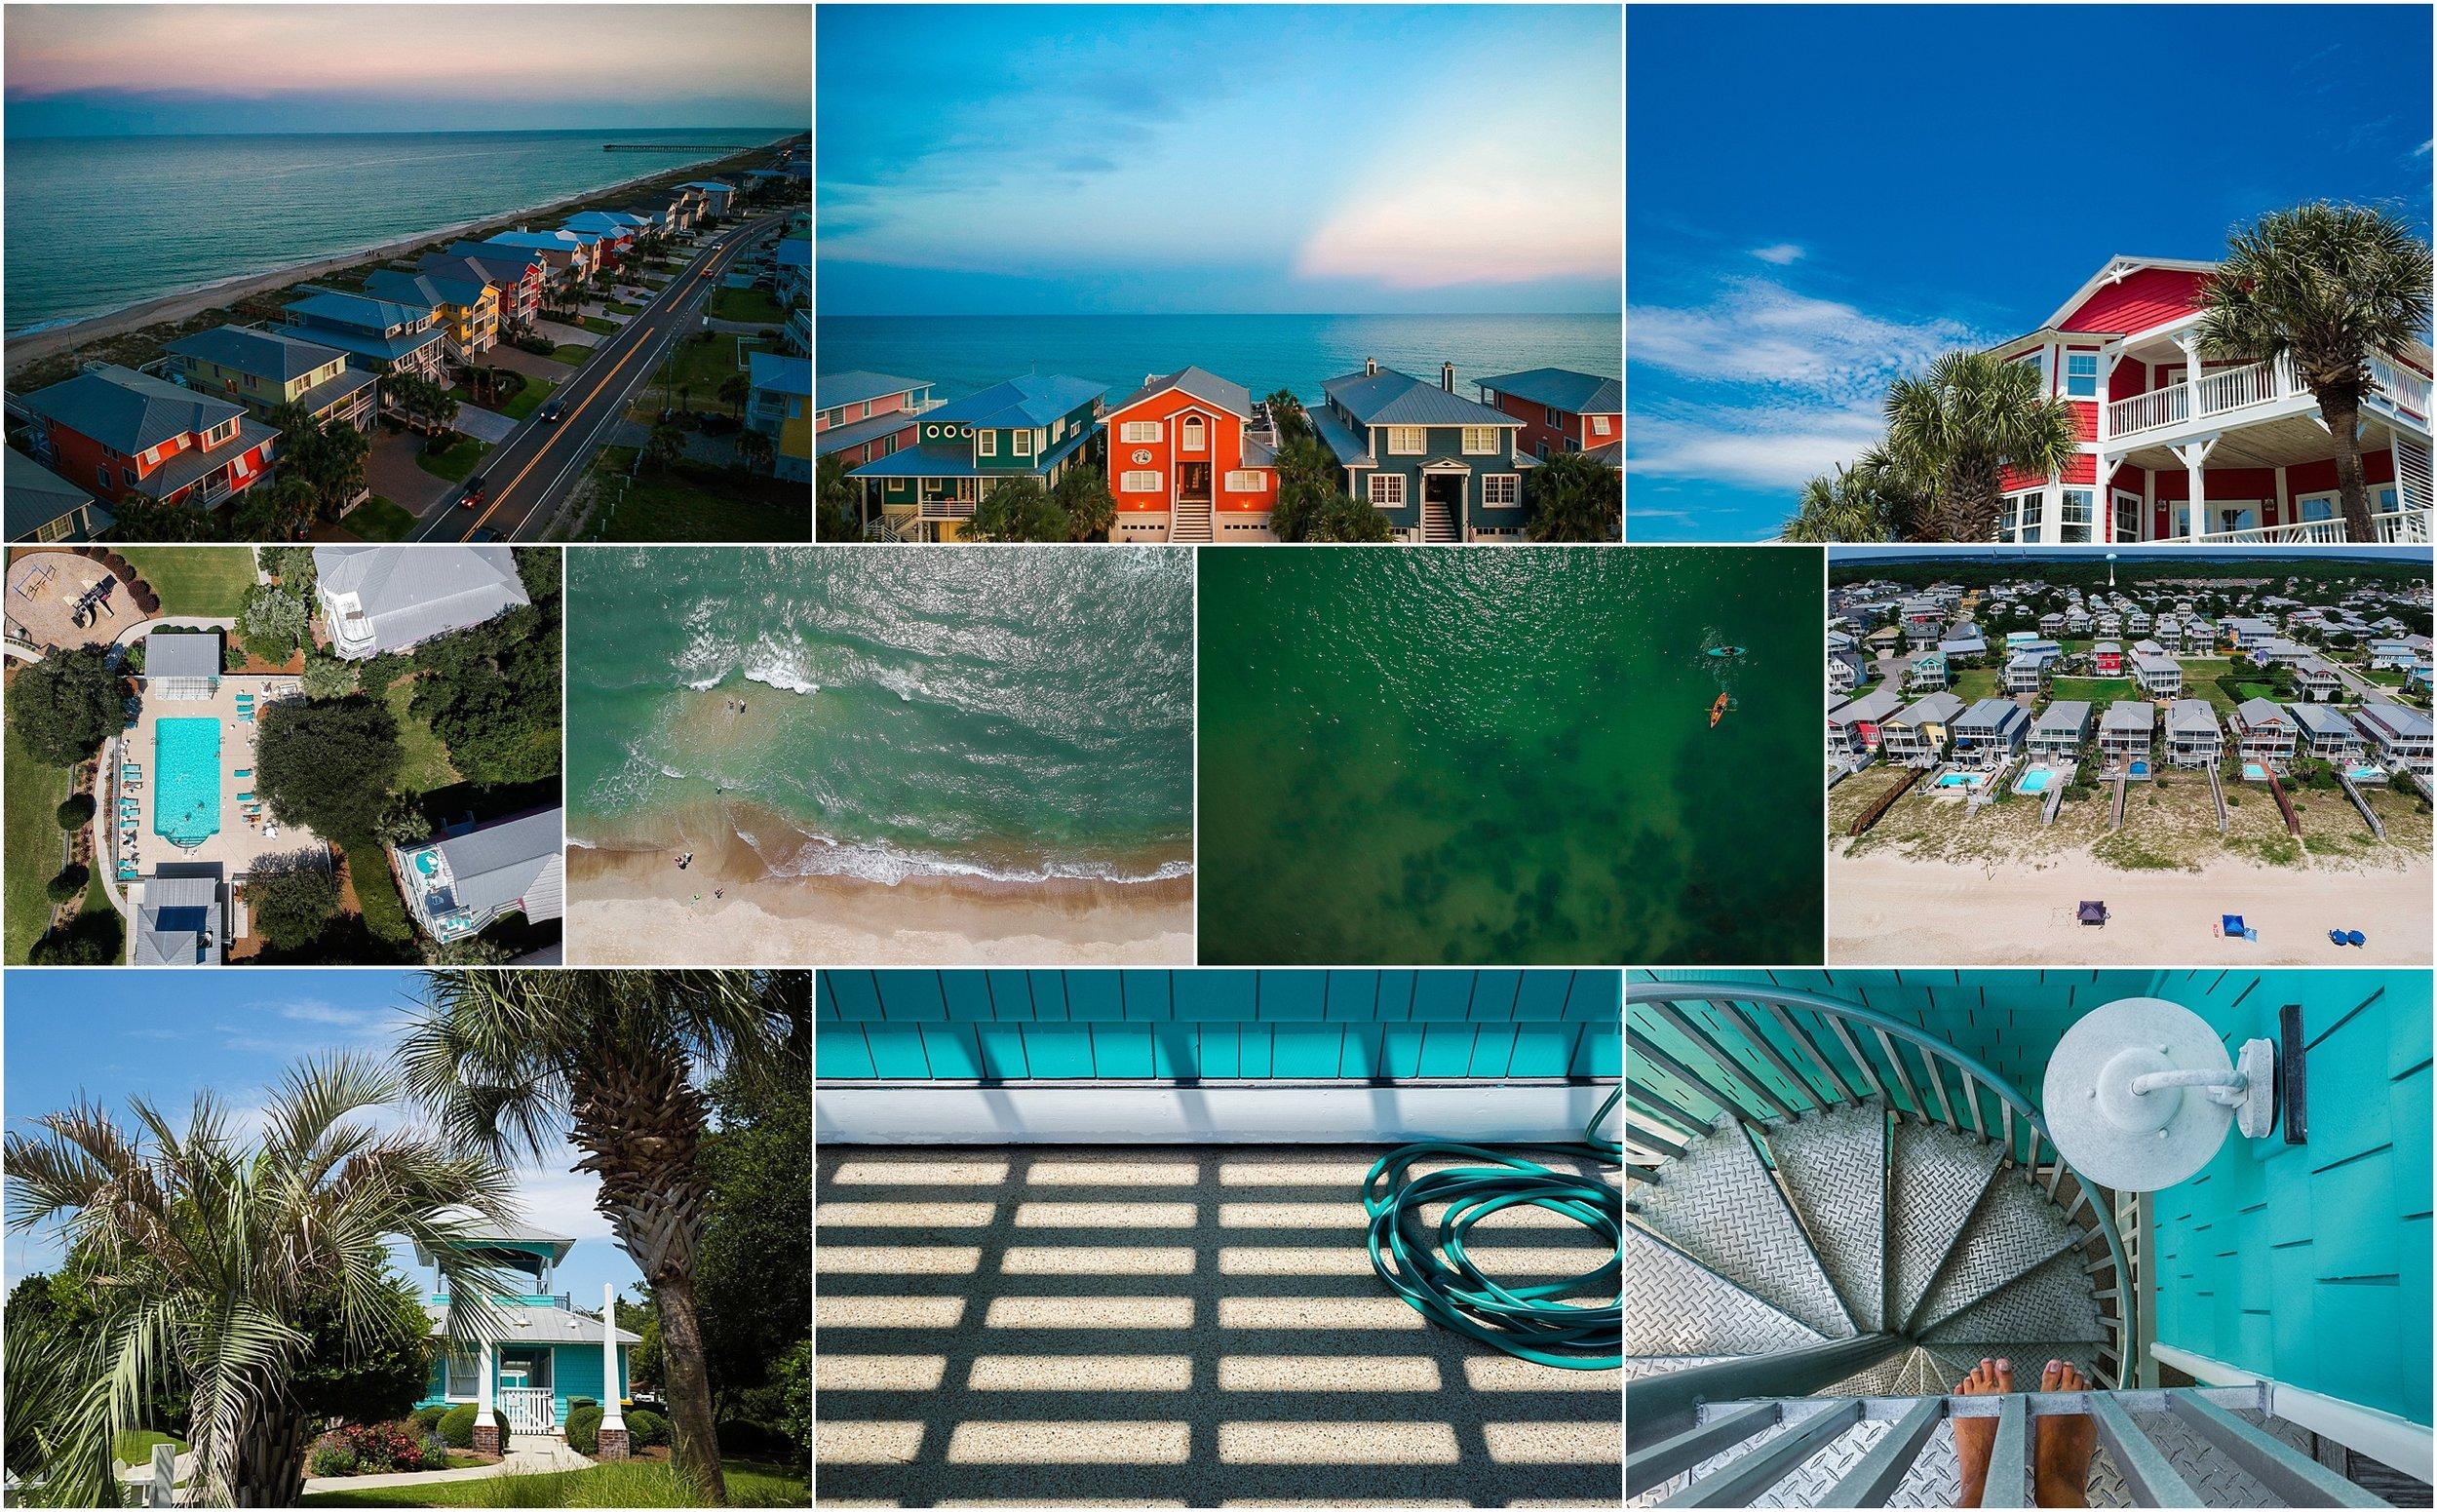 Vacation Documentary Family Photography Holli Pool Carolina Beach North Carolina